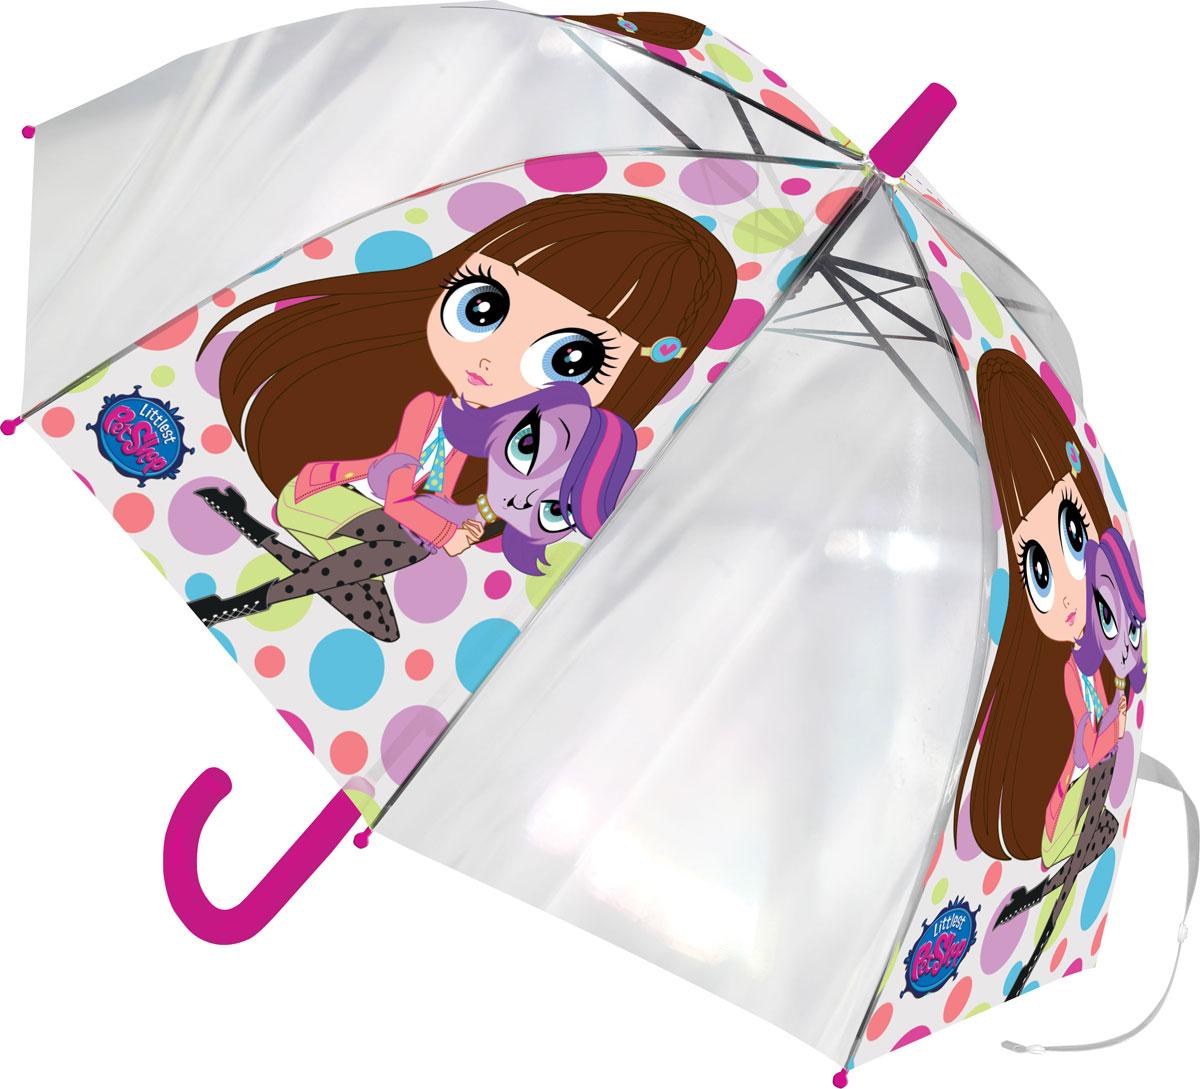 Зонт-трость детский Littlest Pet Shop, цвет: розовый, белый, сиреневый, салатовыйLPCS-UA1-U8GЯркий детский зонт-трость Littlest Pet Shop станет замечательным подарком вашему ребенку и доставит ему много удовольствия. Его форма надежно защитит ребенка в дождливую погоду. Все выступающие металлические части закрыты пластиком, что является защитой от возможных повреждений. Купол зонта выполнен из полиэфирного эластомера и оформлен ярким рисунком. Закрывается хлястиком на кнопку. Каркас зонта выполнен из восьми металлических спиц и оснащен удобной закругленной пластиковой рукояткой. Зонт раскладывается автоматически и складывается механически.